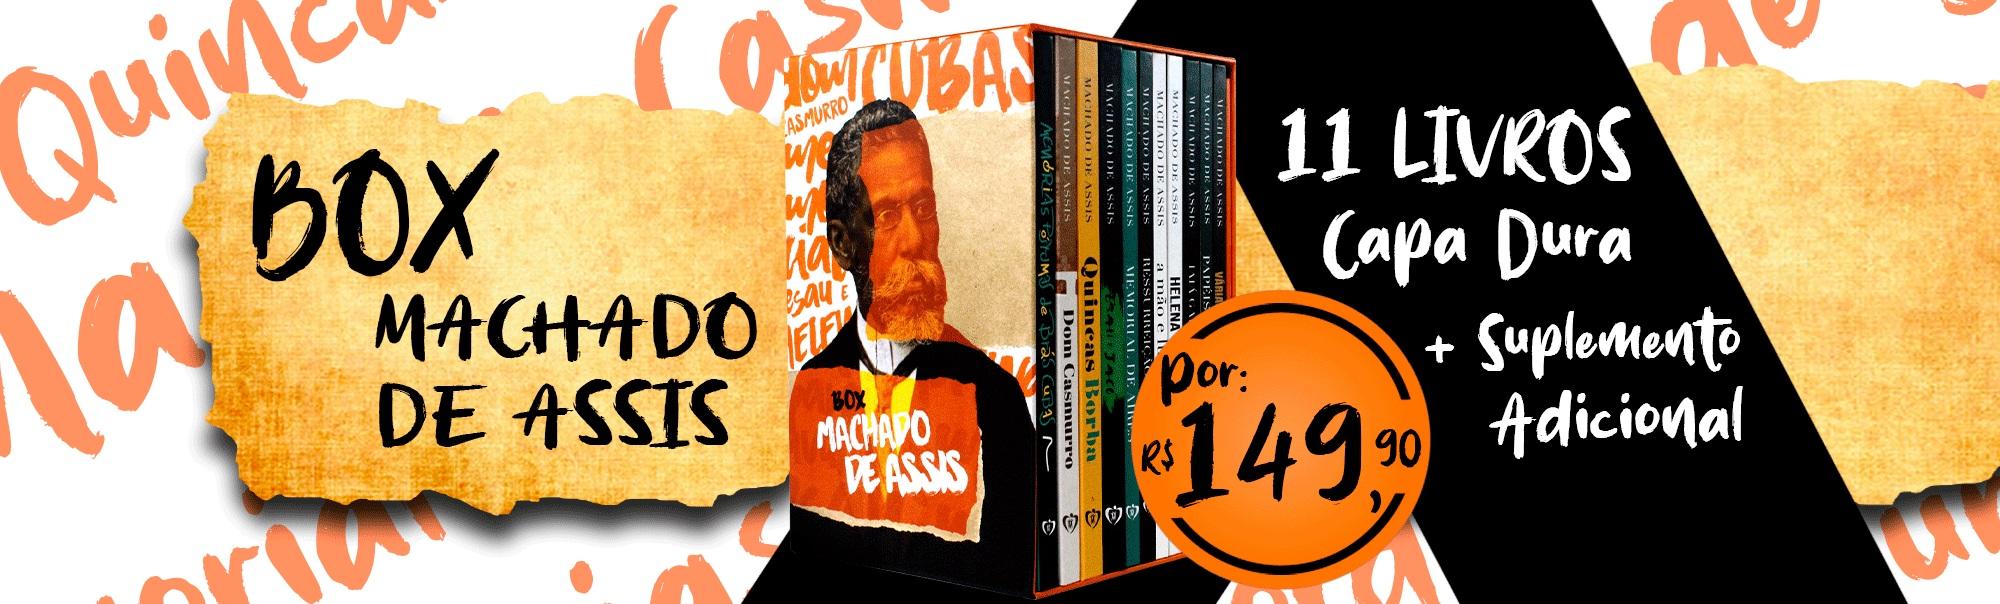 Coleção Machado de Assis 11 Livros Capa Dura | livraria cristã emmerick